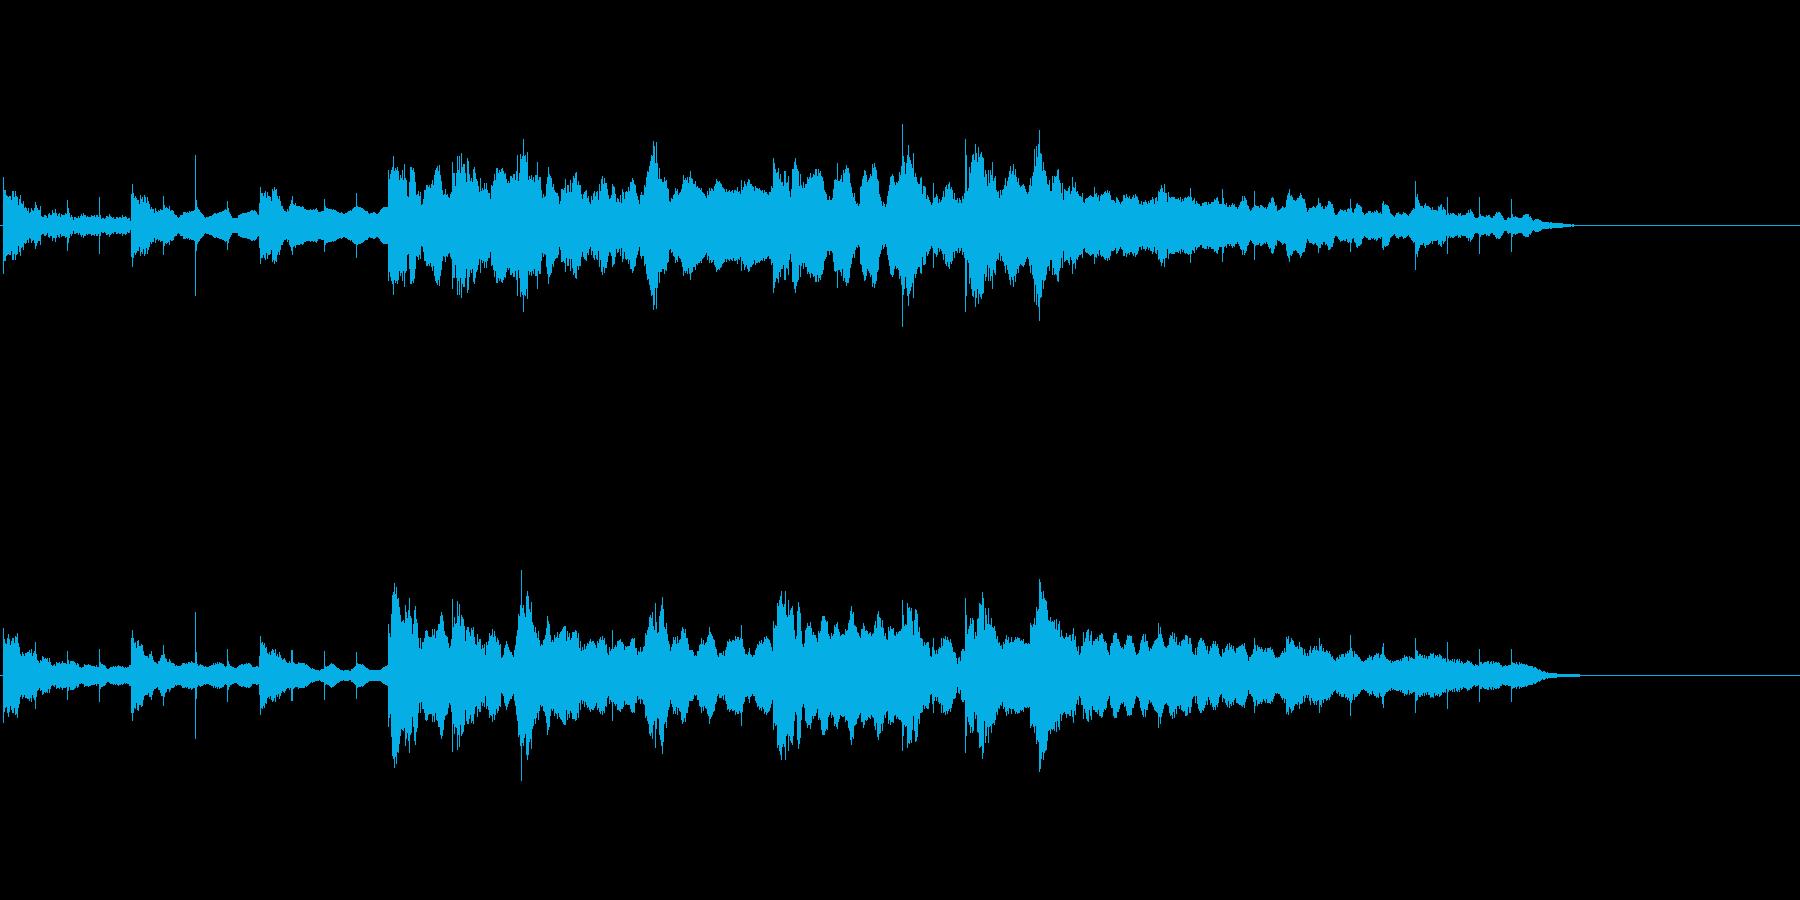 和楽器による儚い雰囲気のジングルの再生済みの波形